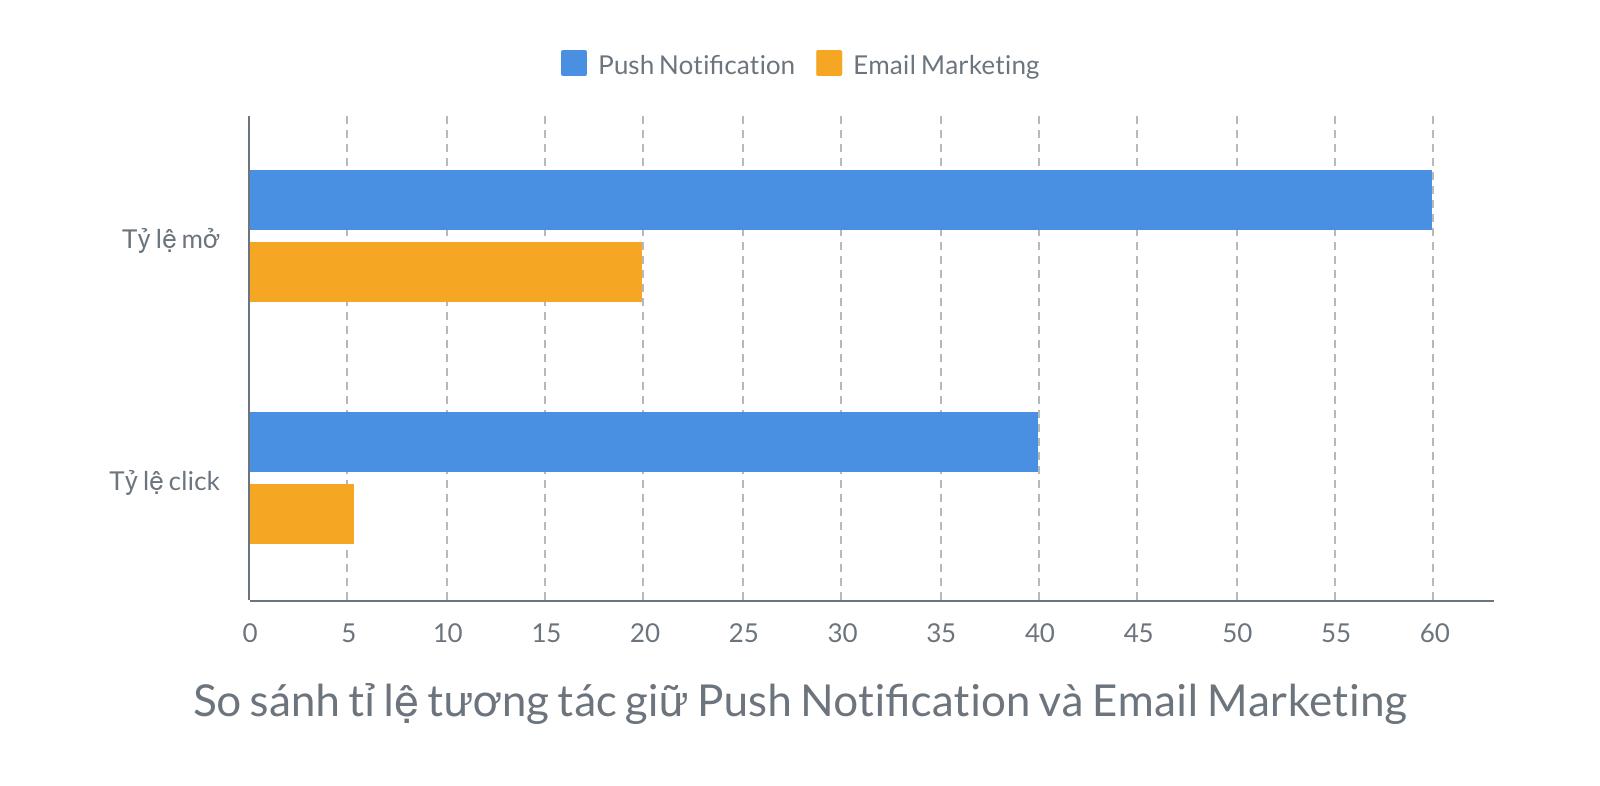 So sánh tỉ lệ tương tác giữ Push Notification và Email Marketing